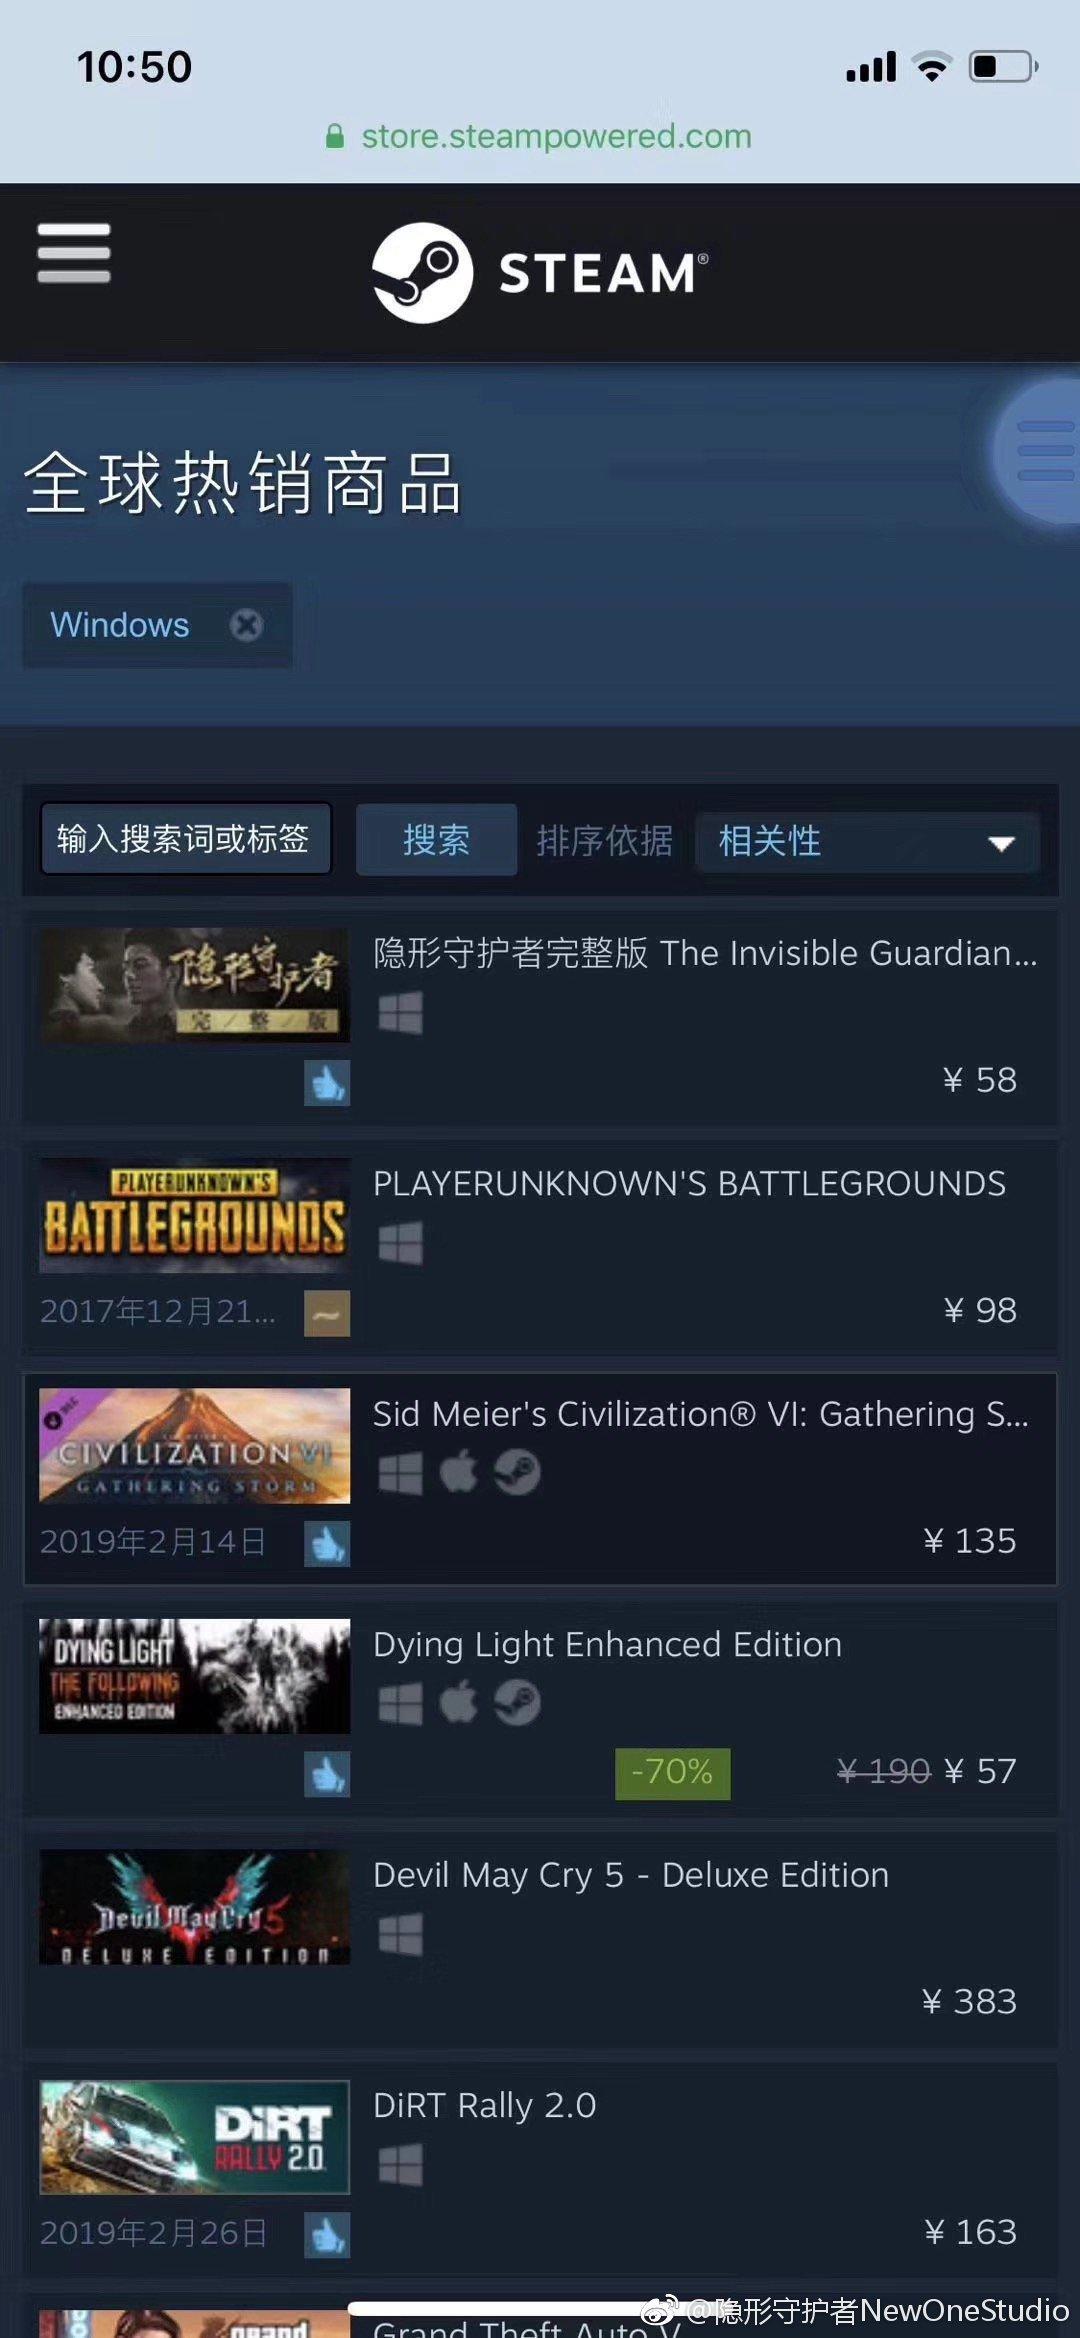 國產諜戰游戲《隱形守護者》登頂Steam全球銷量榜